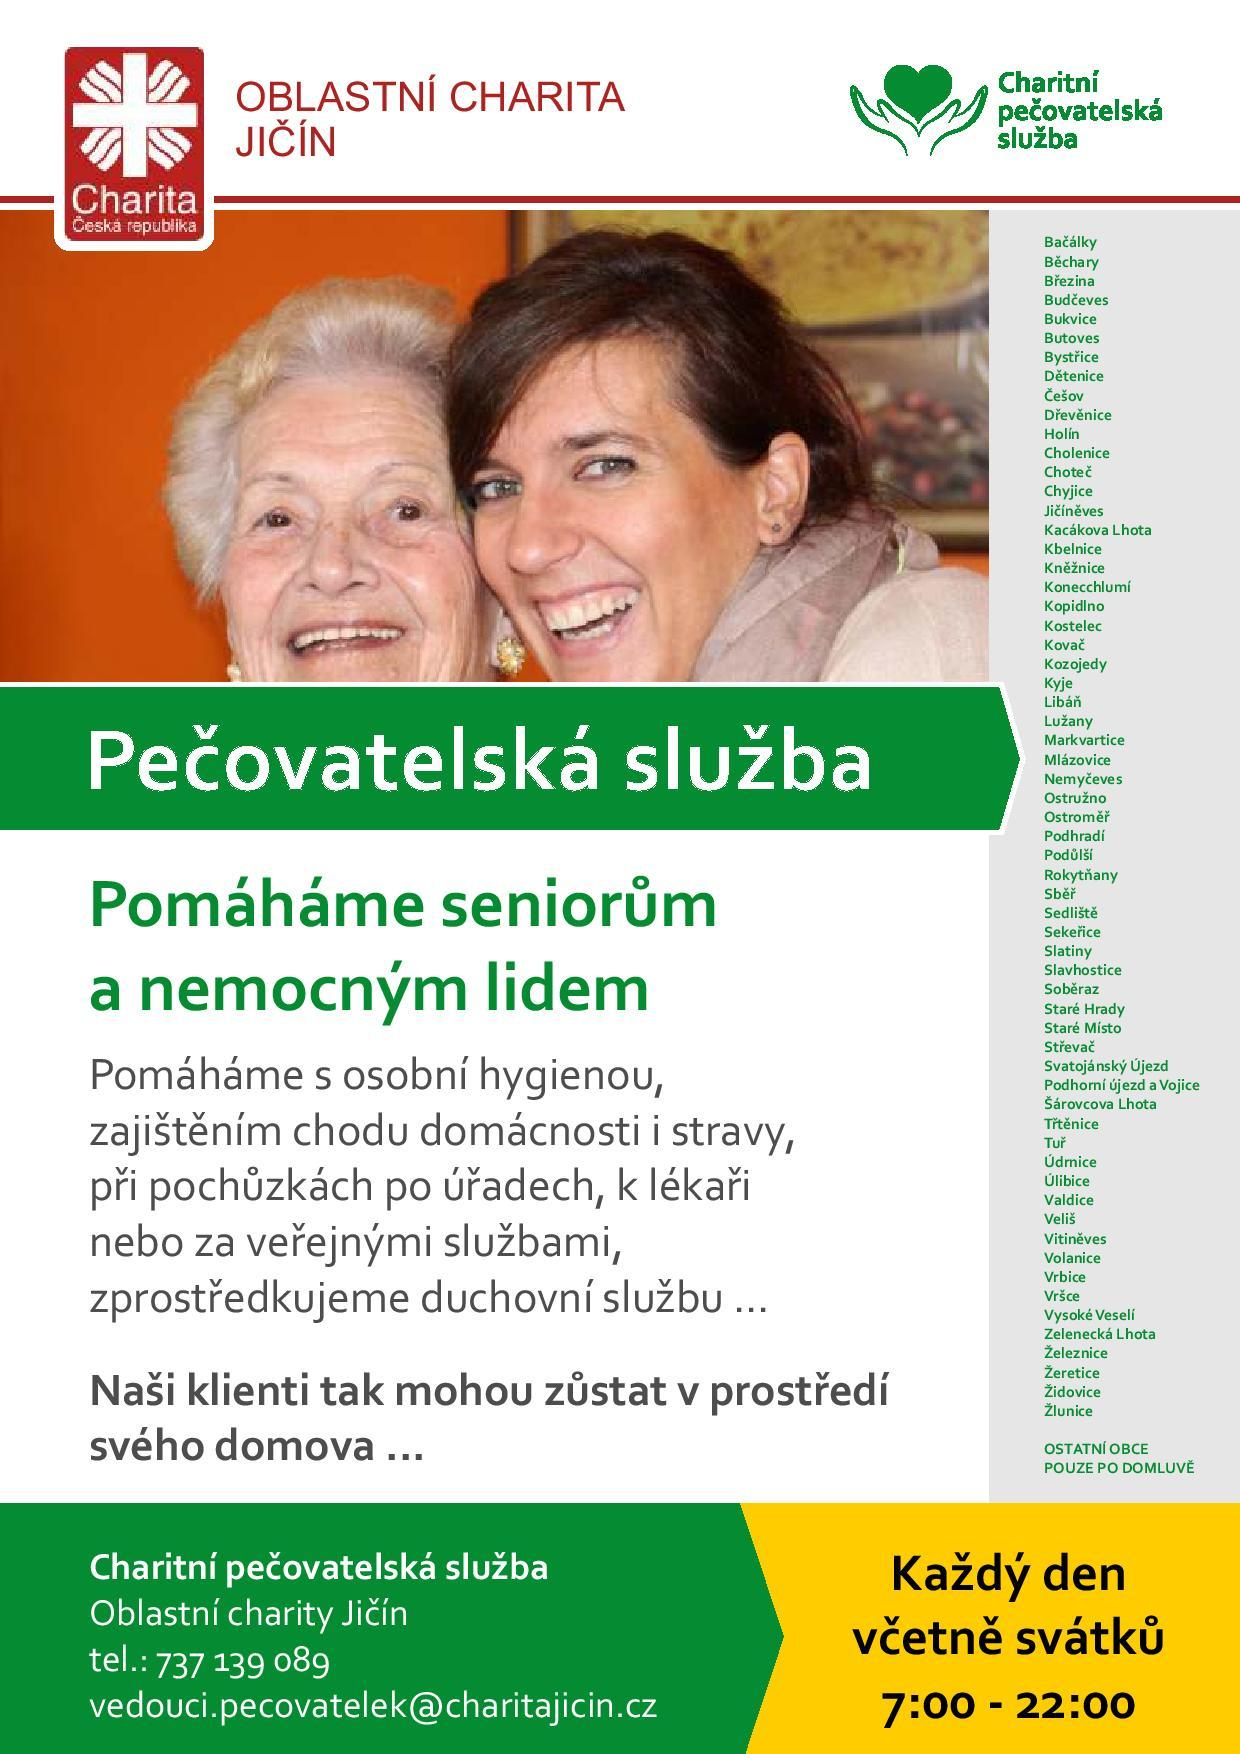 Charita Jičín